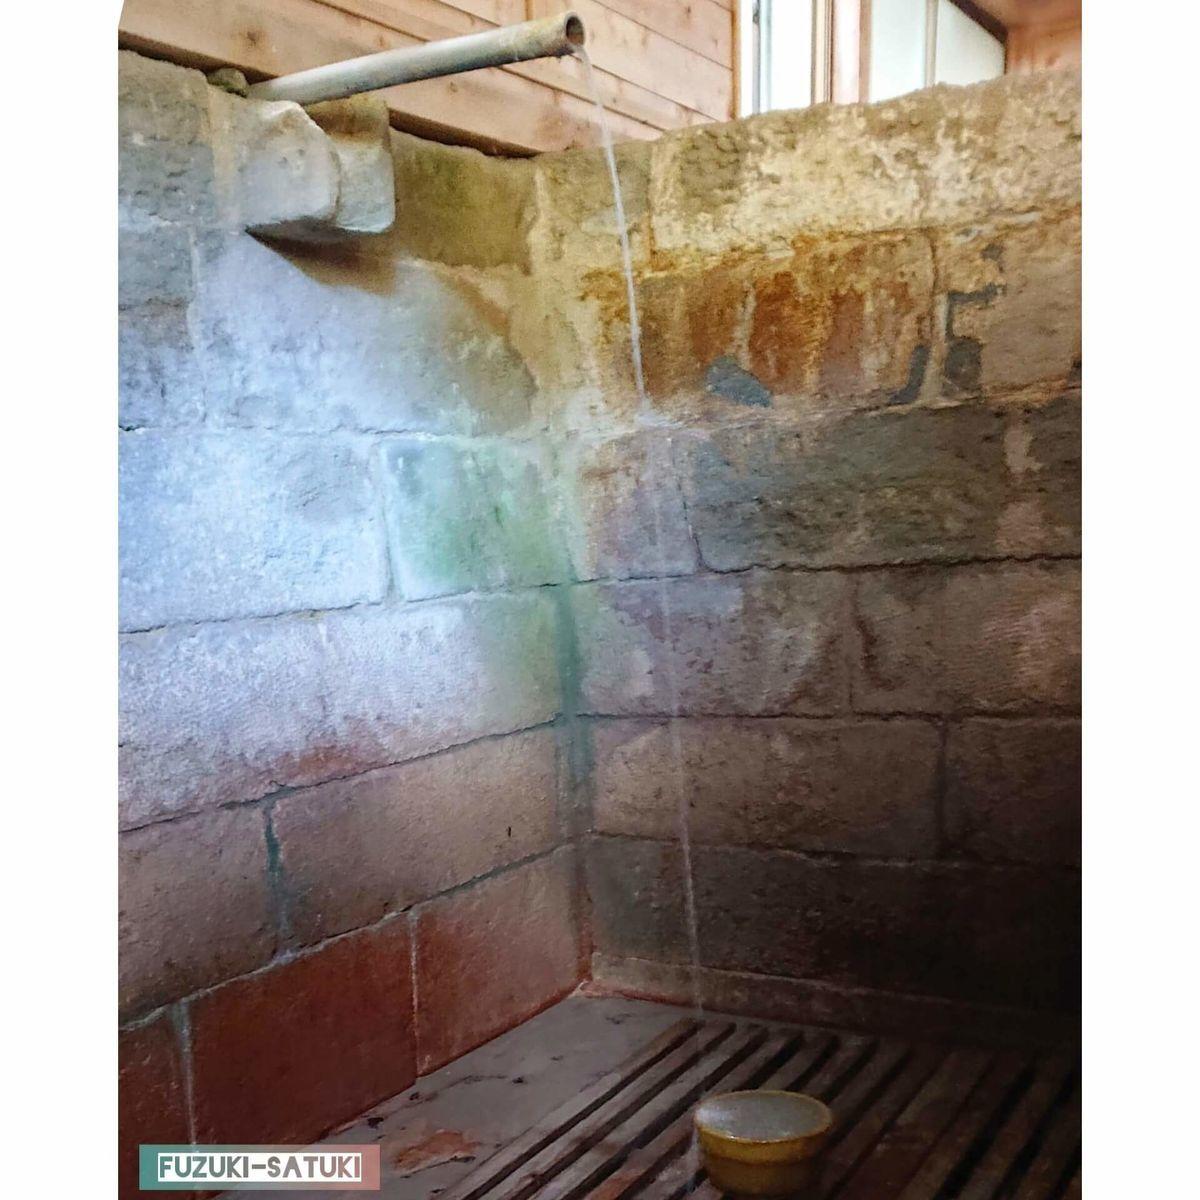 竹の湯 打たせ湯 桶の色から成分の濃さがわかる 頭に当てると火傷するくらい熱い